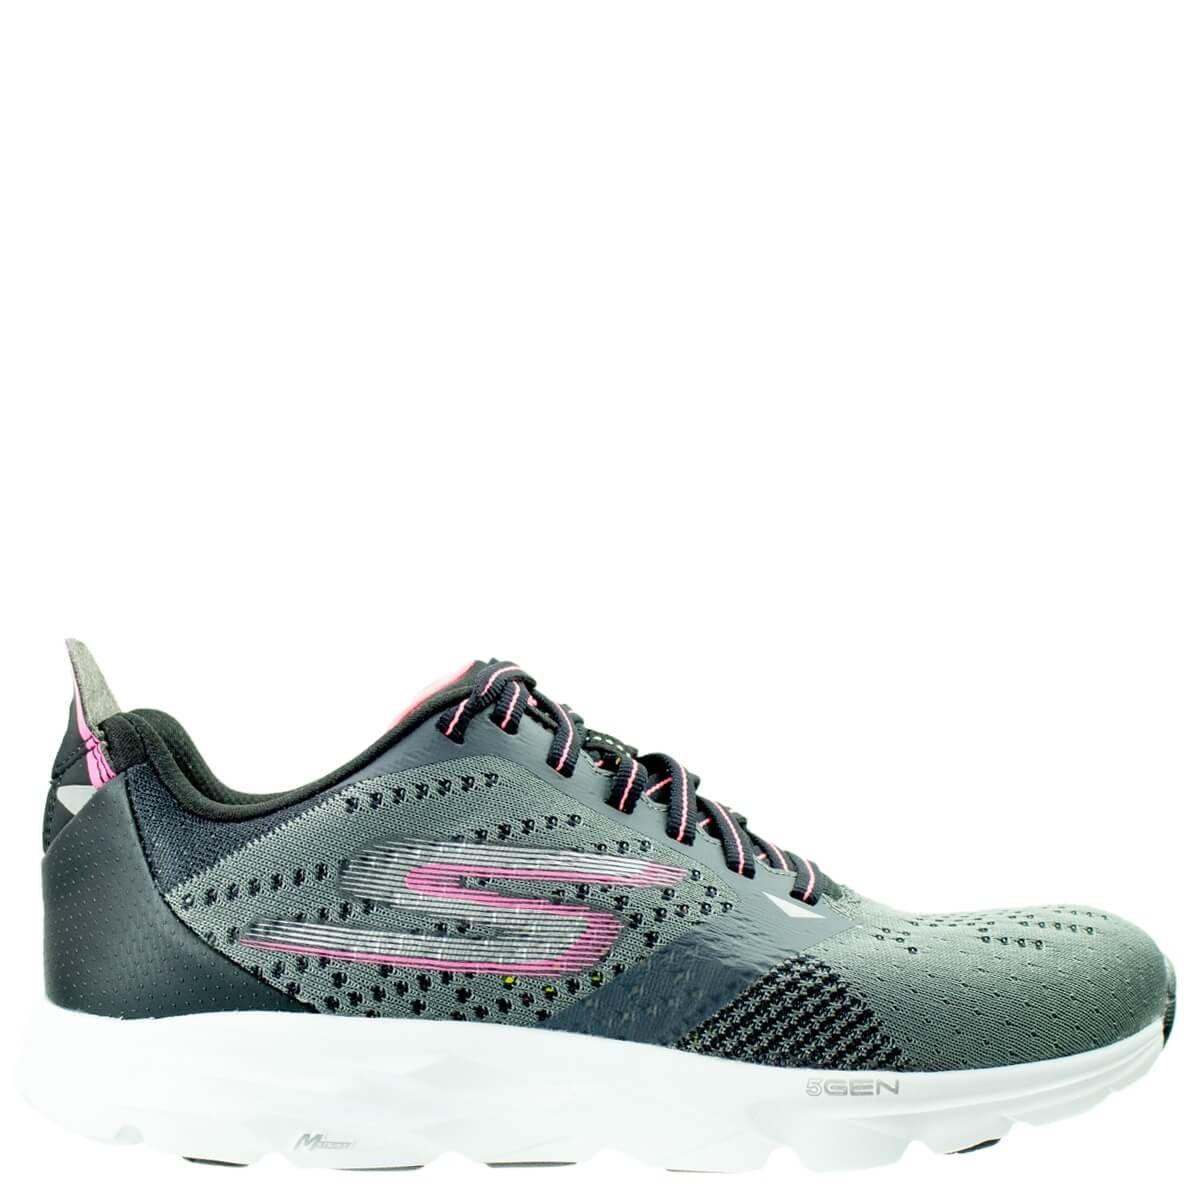 886a12762a5 Bizz Store - Tênis Feminino Skechers Go Run Ride 6 Cinza